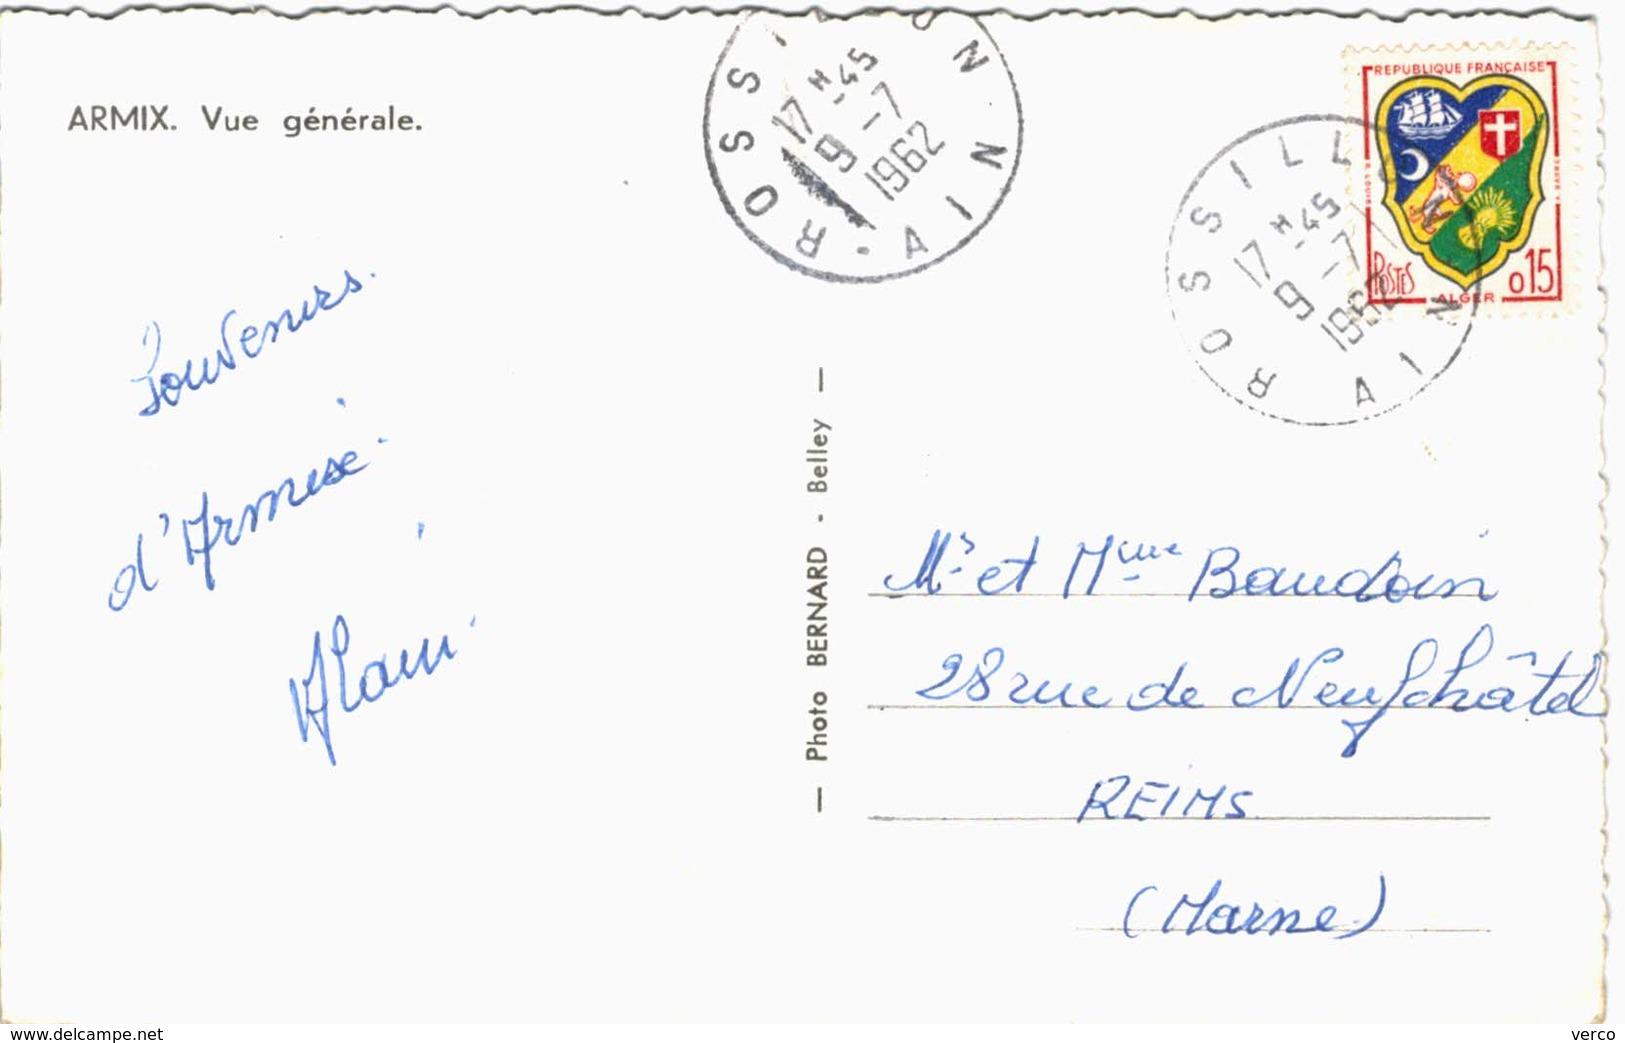 Carte Postale Ancienne De ARMIX-vue Générale - France